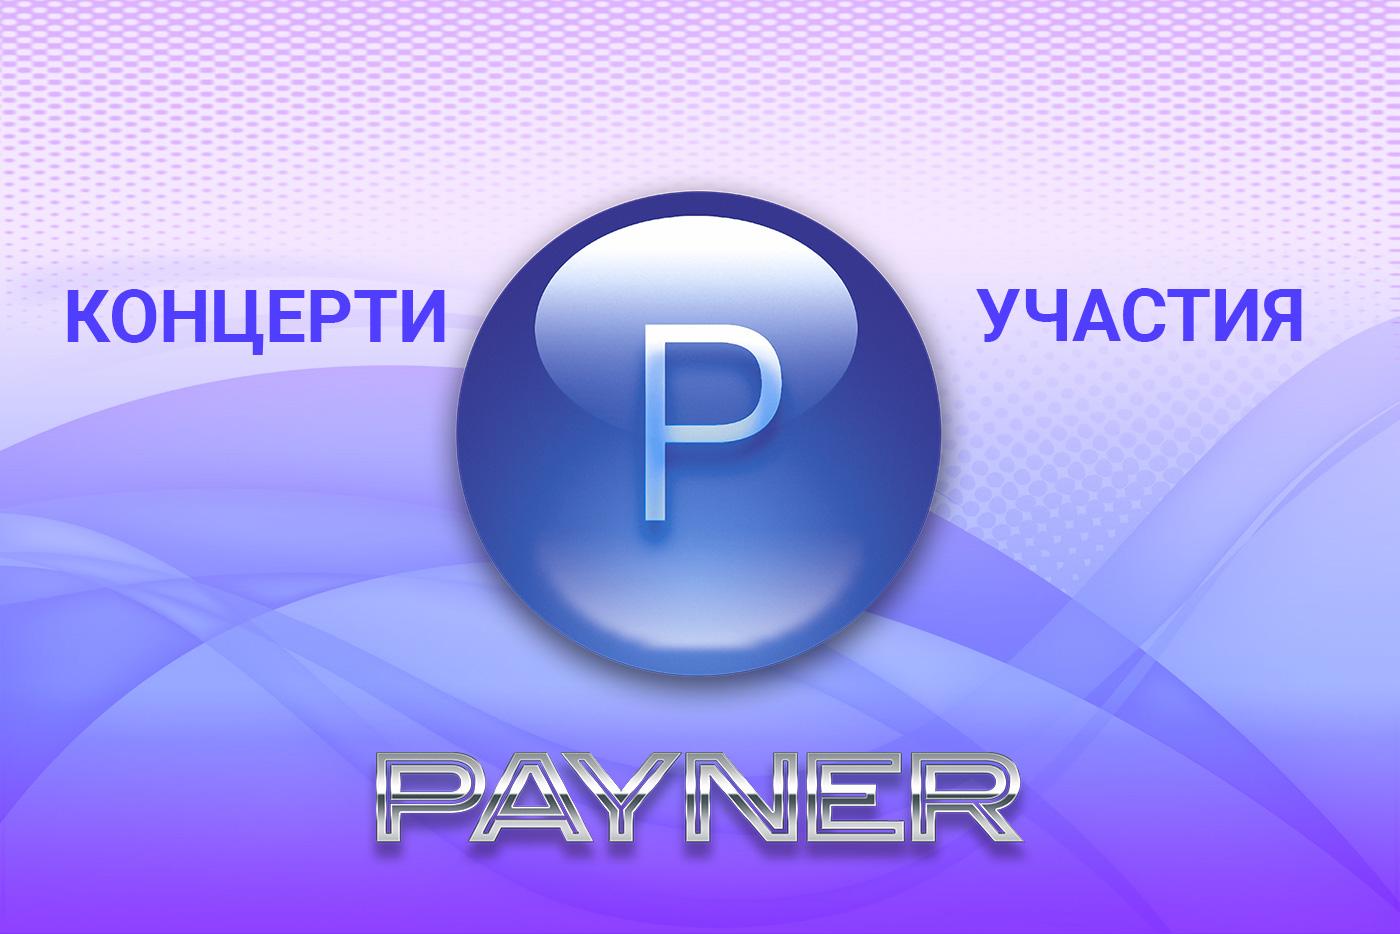 """Участия на звездите на """"Пайнер"""" на 22.08.2018"""